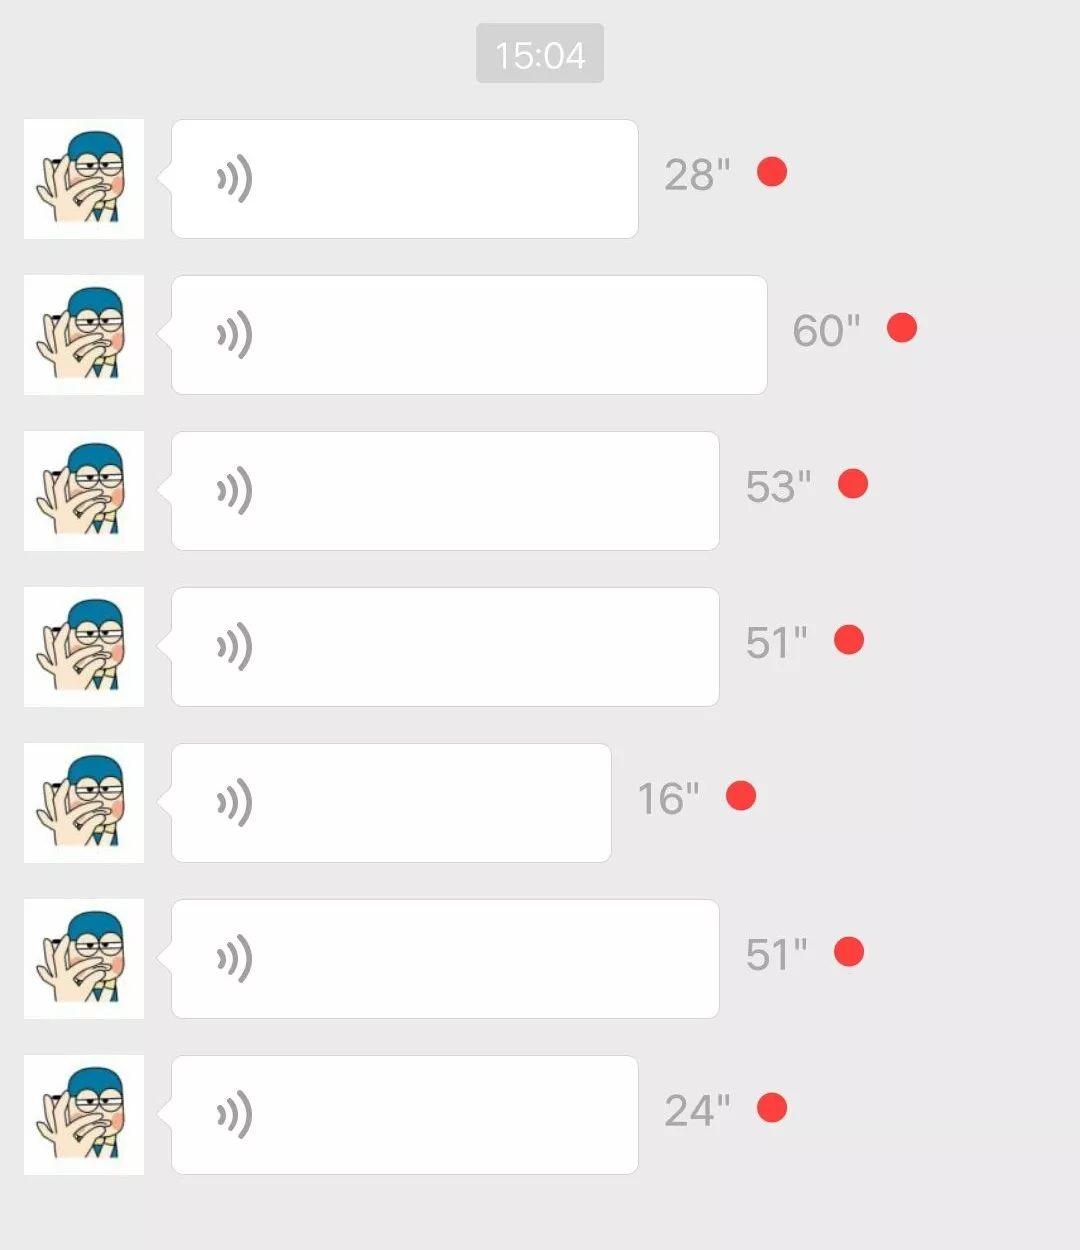 在微信上有哪些高情商的说话方式